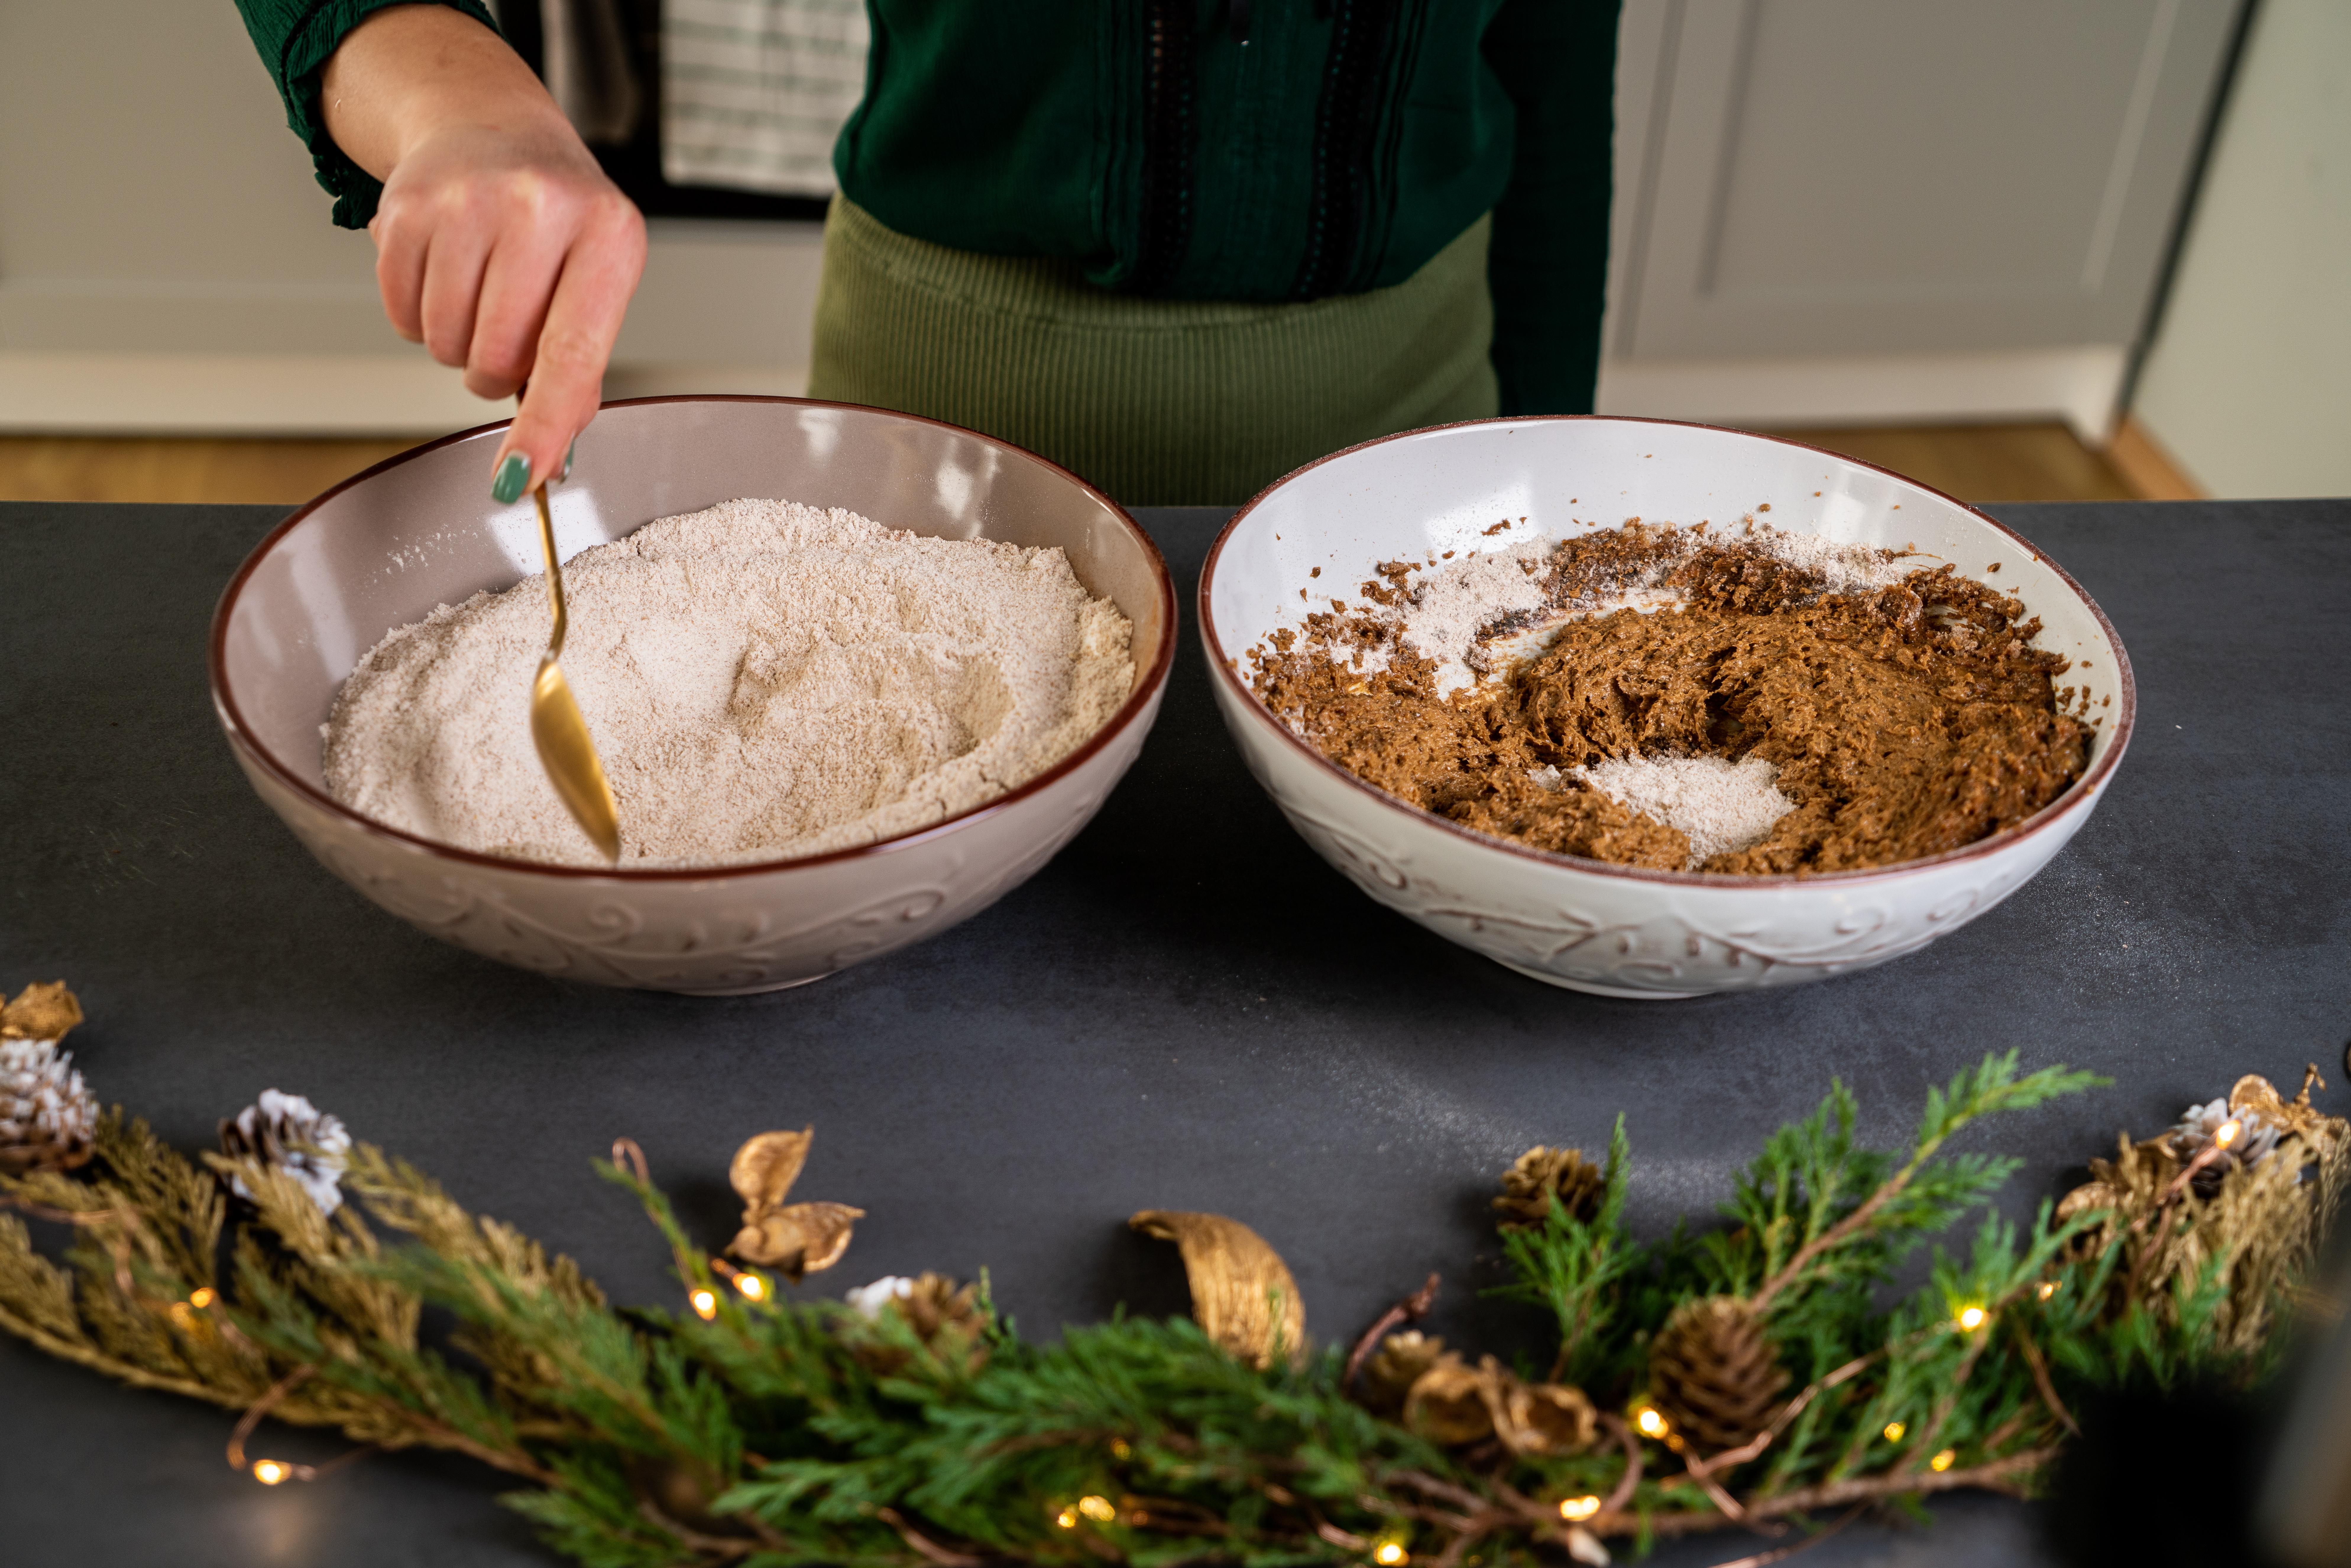 como hacer galletas de navidad caseras en versión saludable, pasos para hacer galletas de jengibre ricas y fáciles de hacer